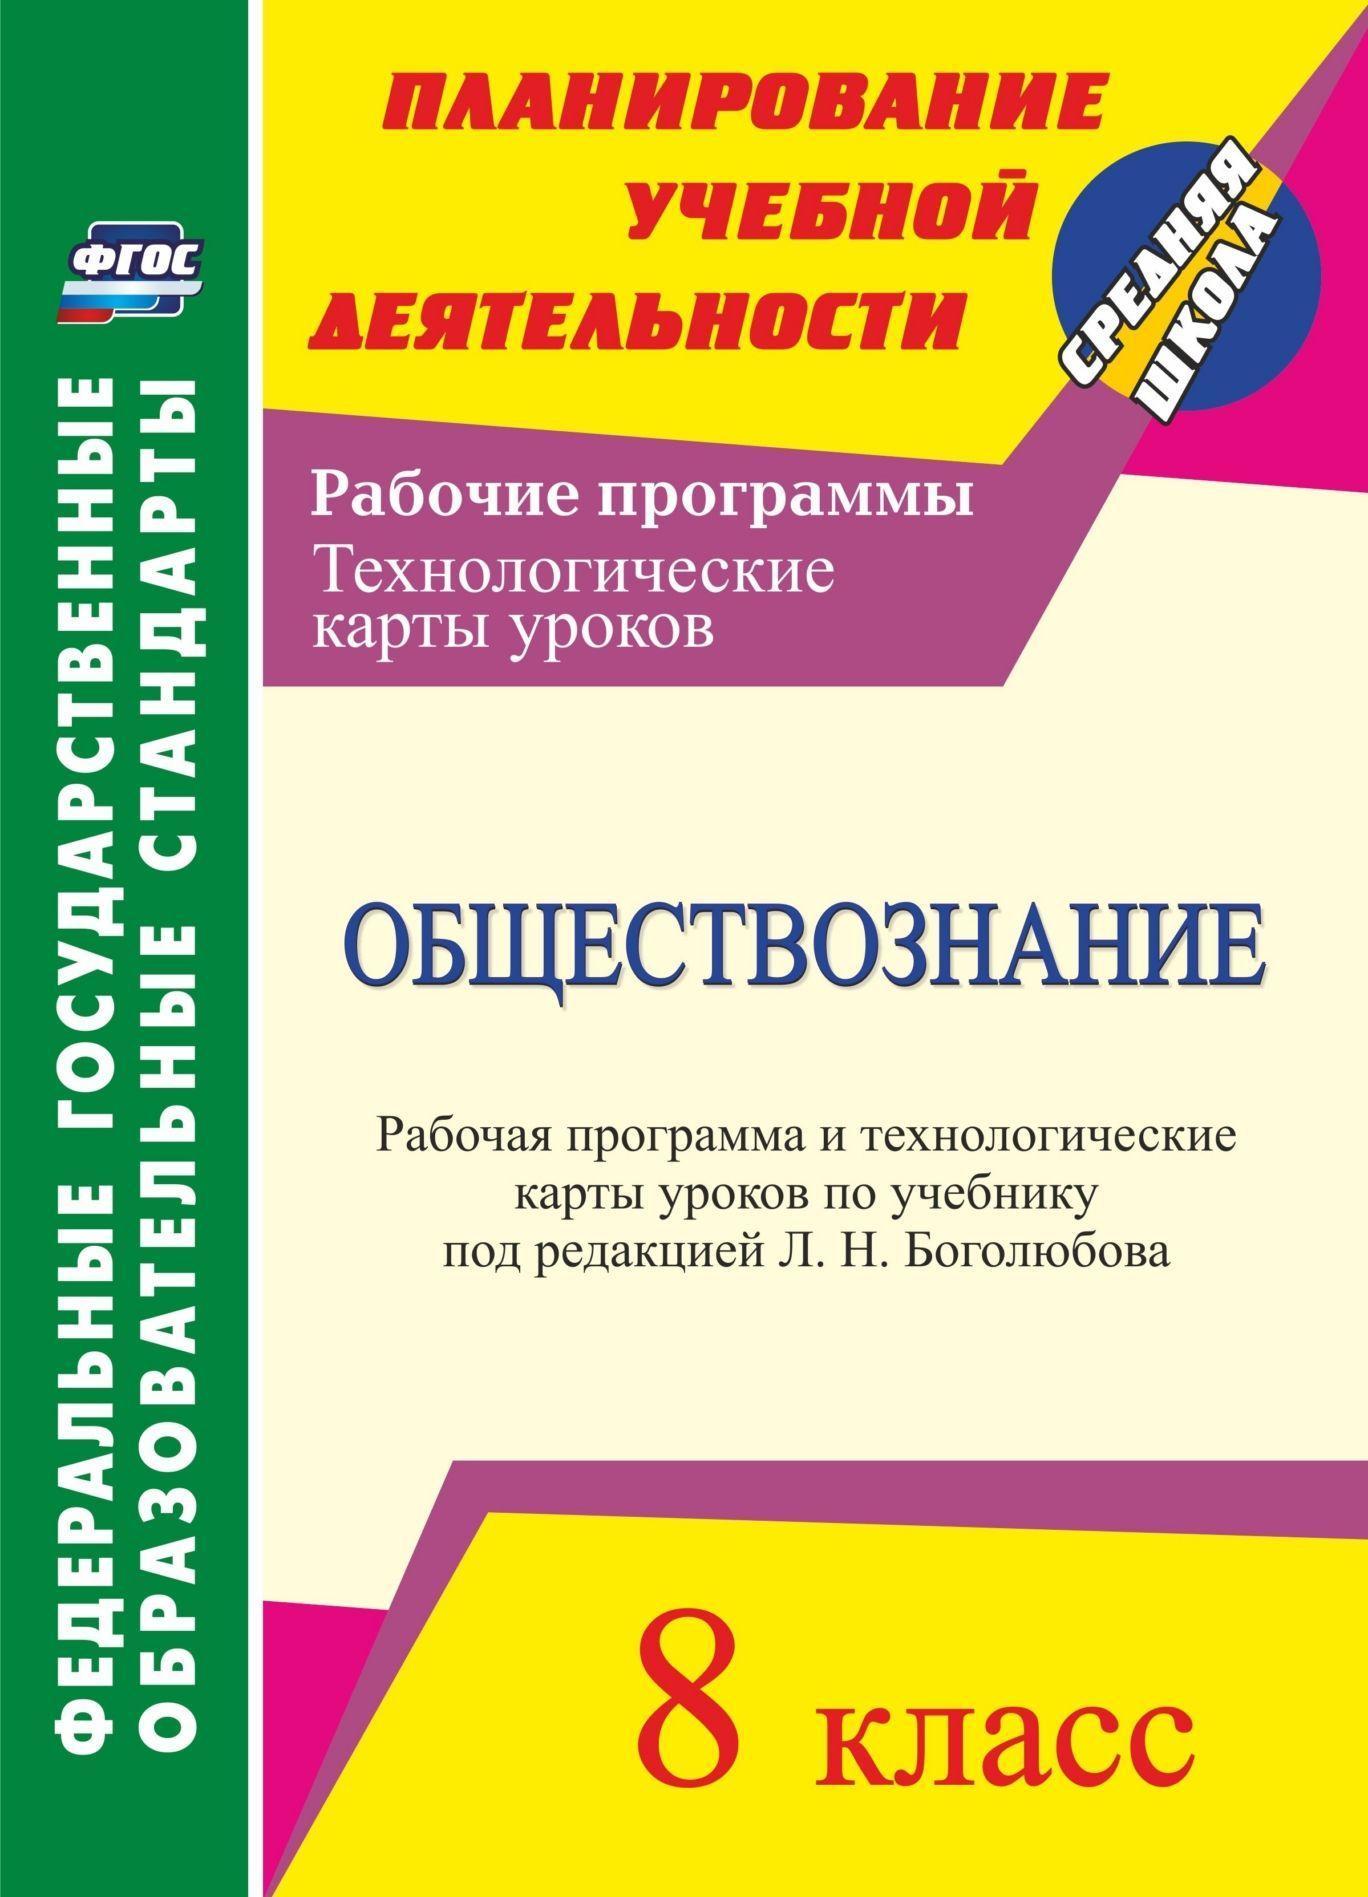 Obschestvoznanie. 8 klass: rabochaja programma i tekhnologicheskie karty urokov po uchebniku pod redaktsiej L. N. Bogoljubova